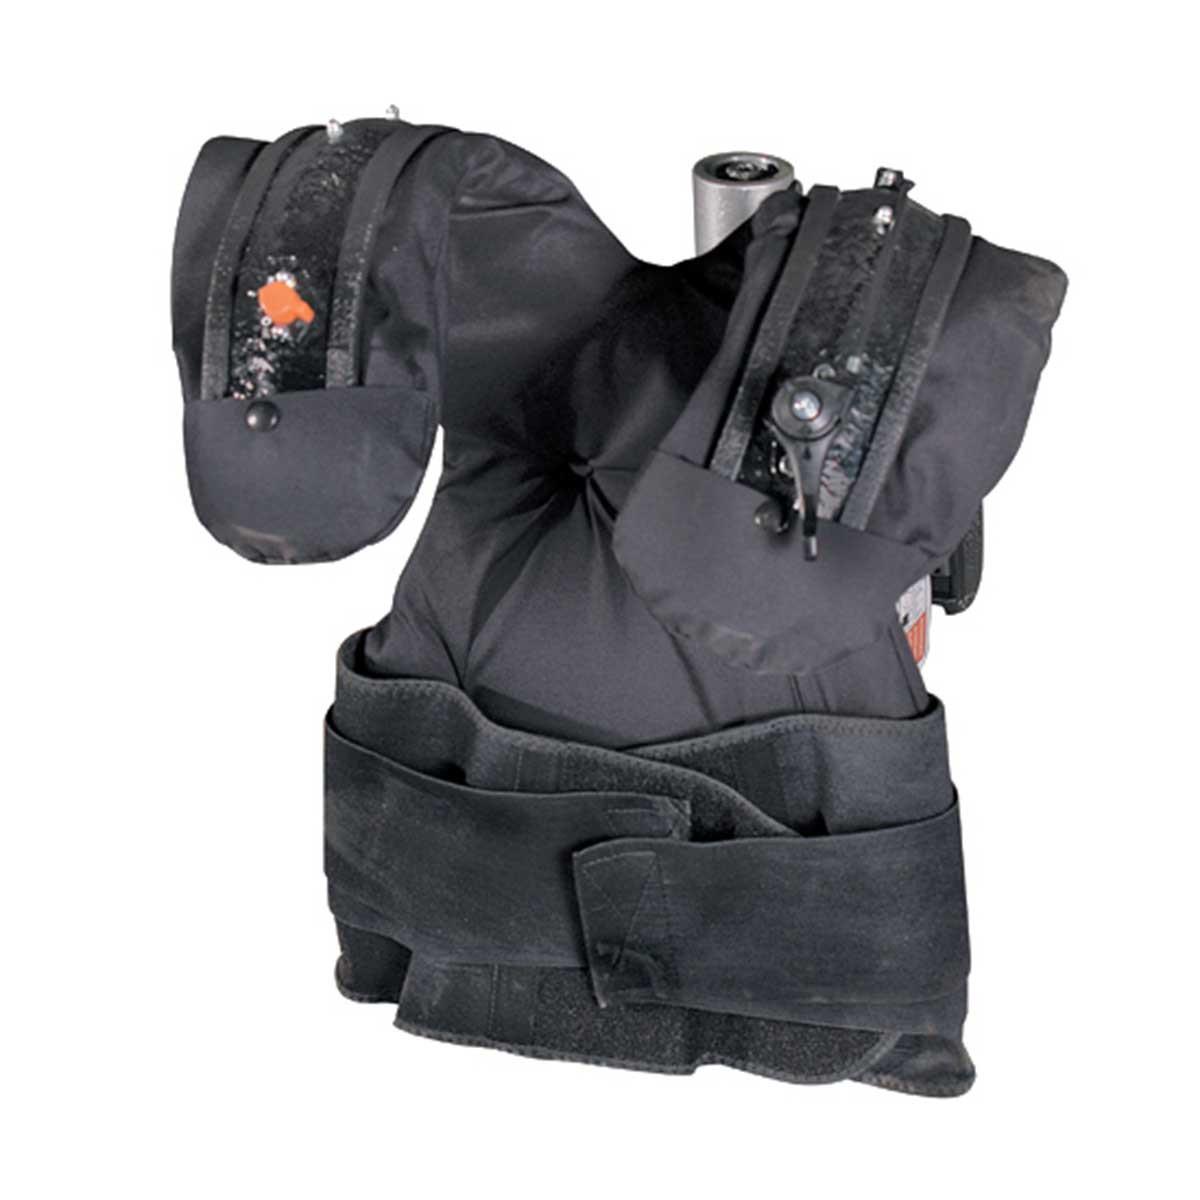 Wacker Neuson Backpack Vibrator